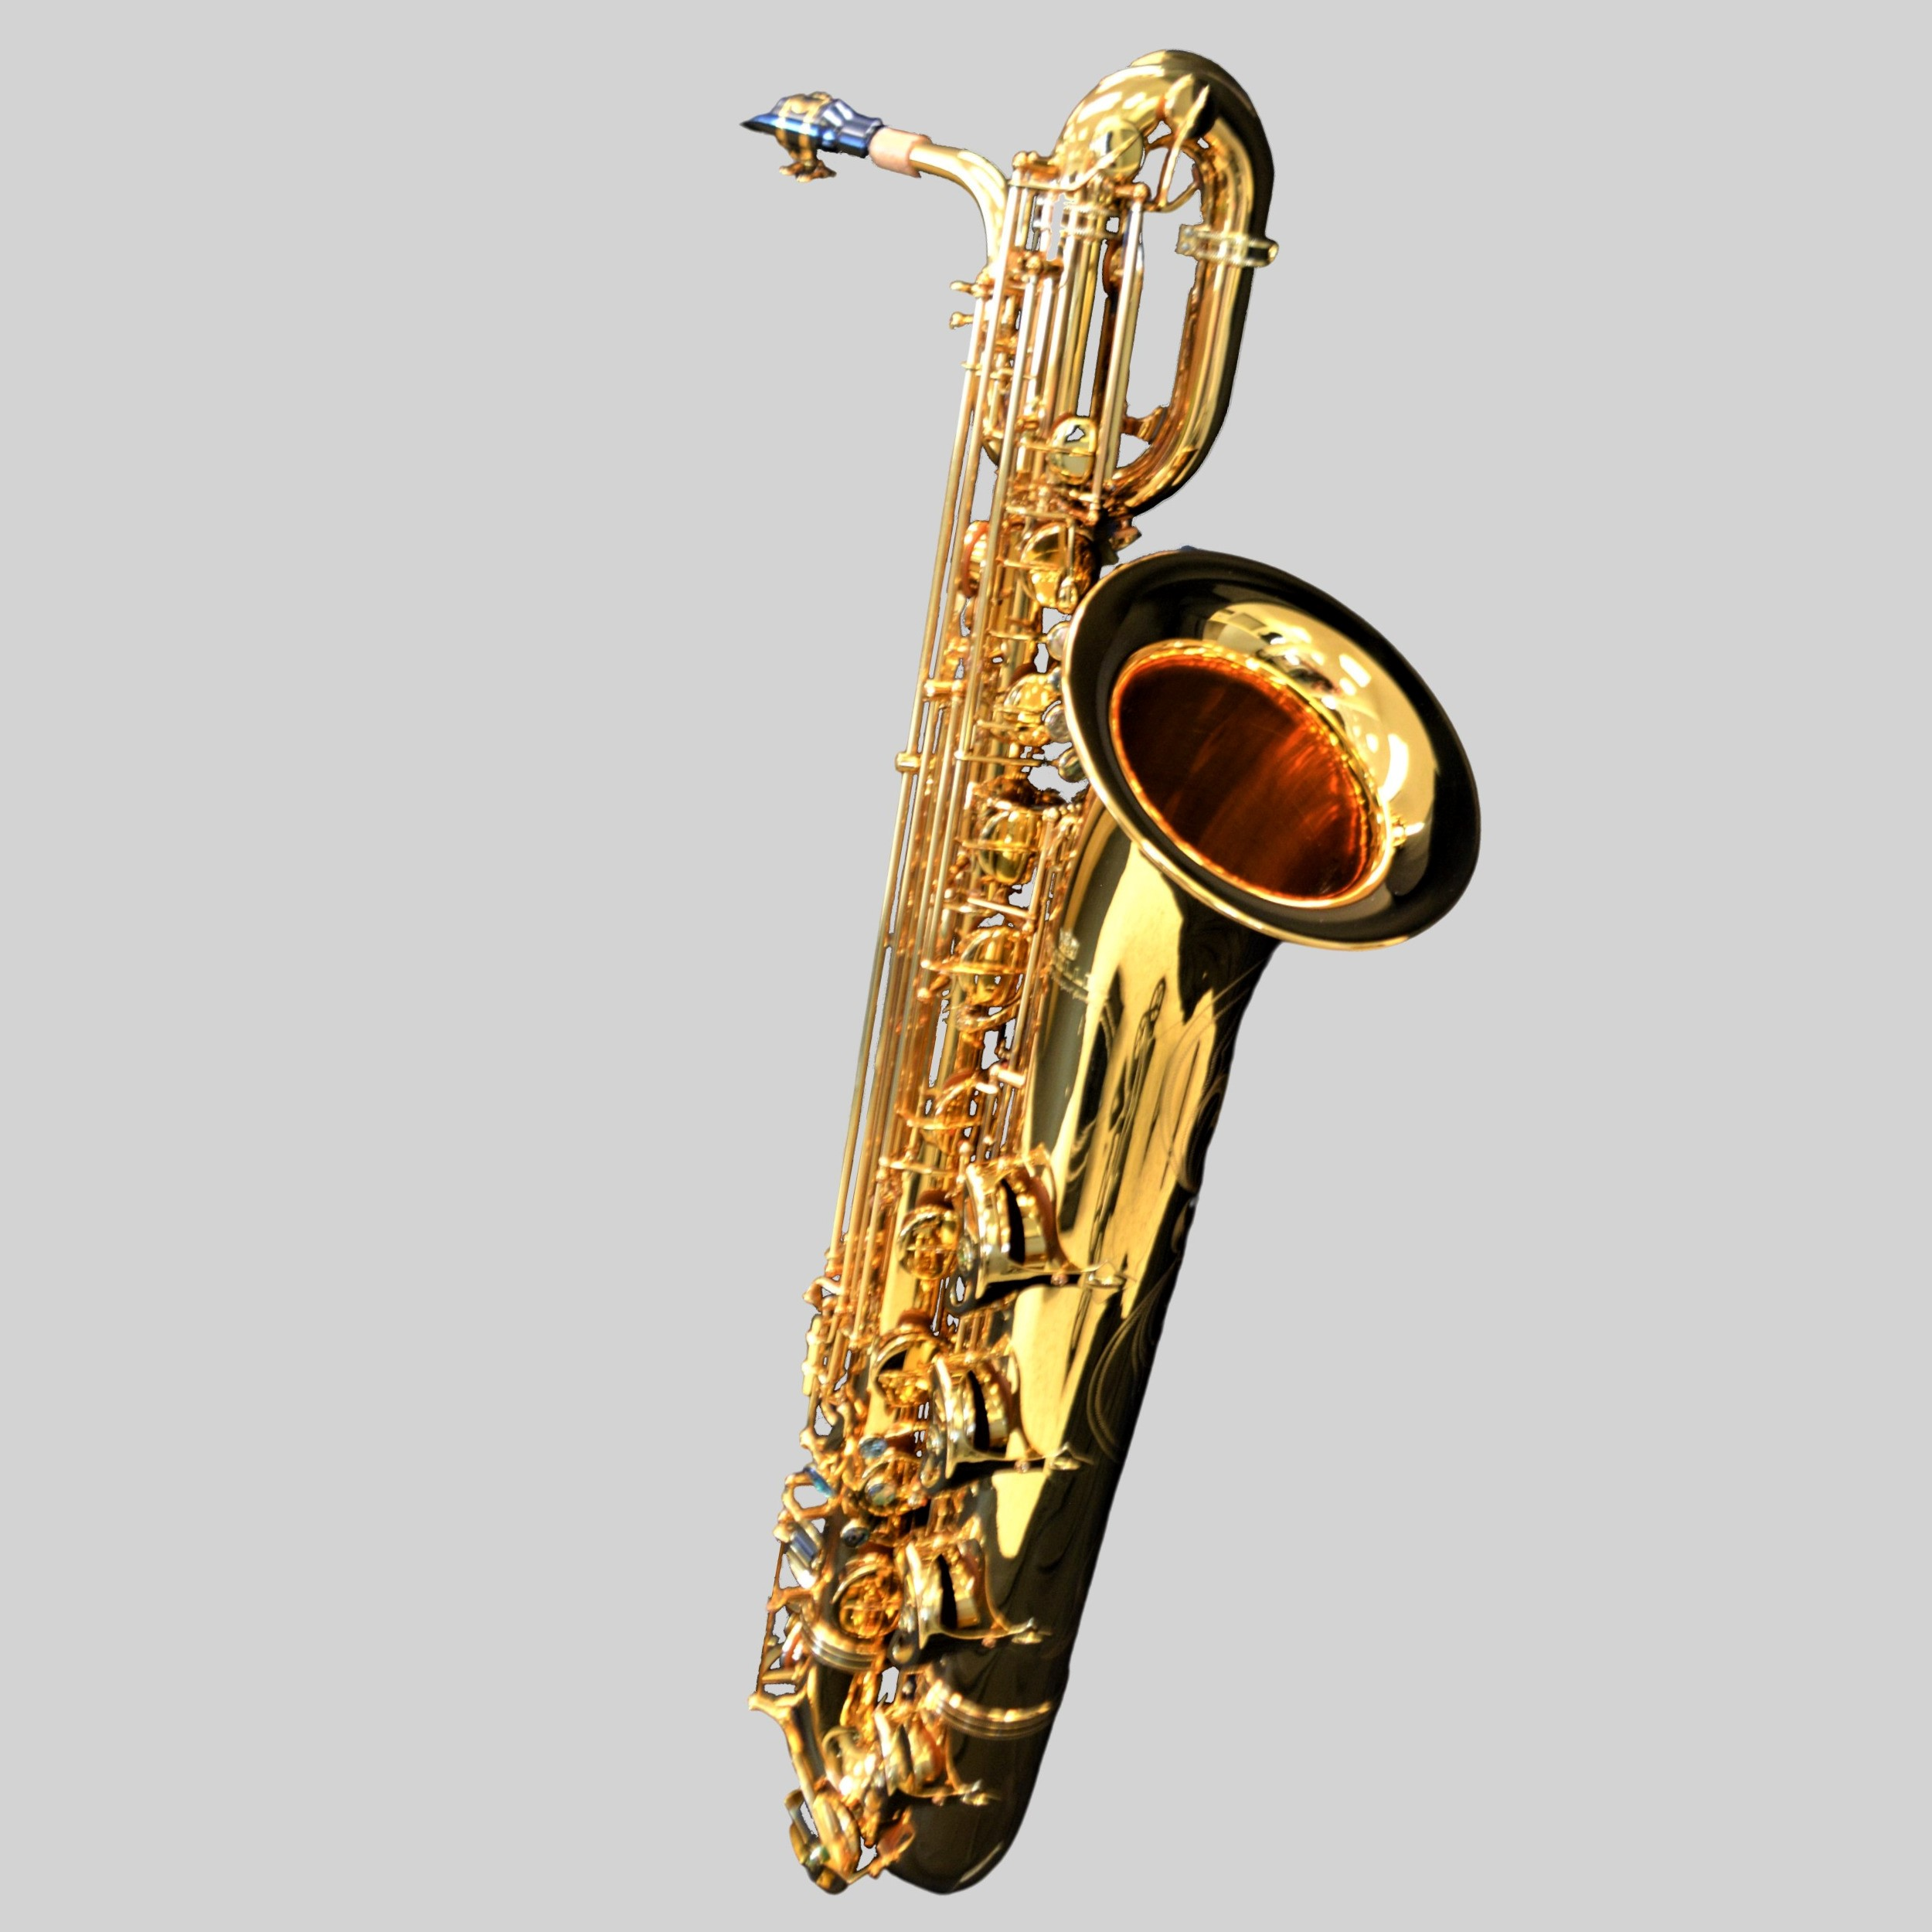 Elite V Baritone Saxophone Gold Plate